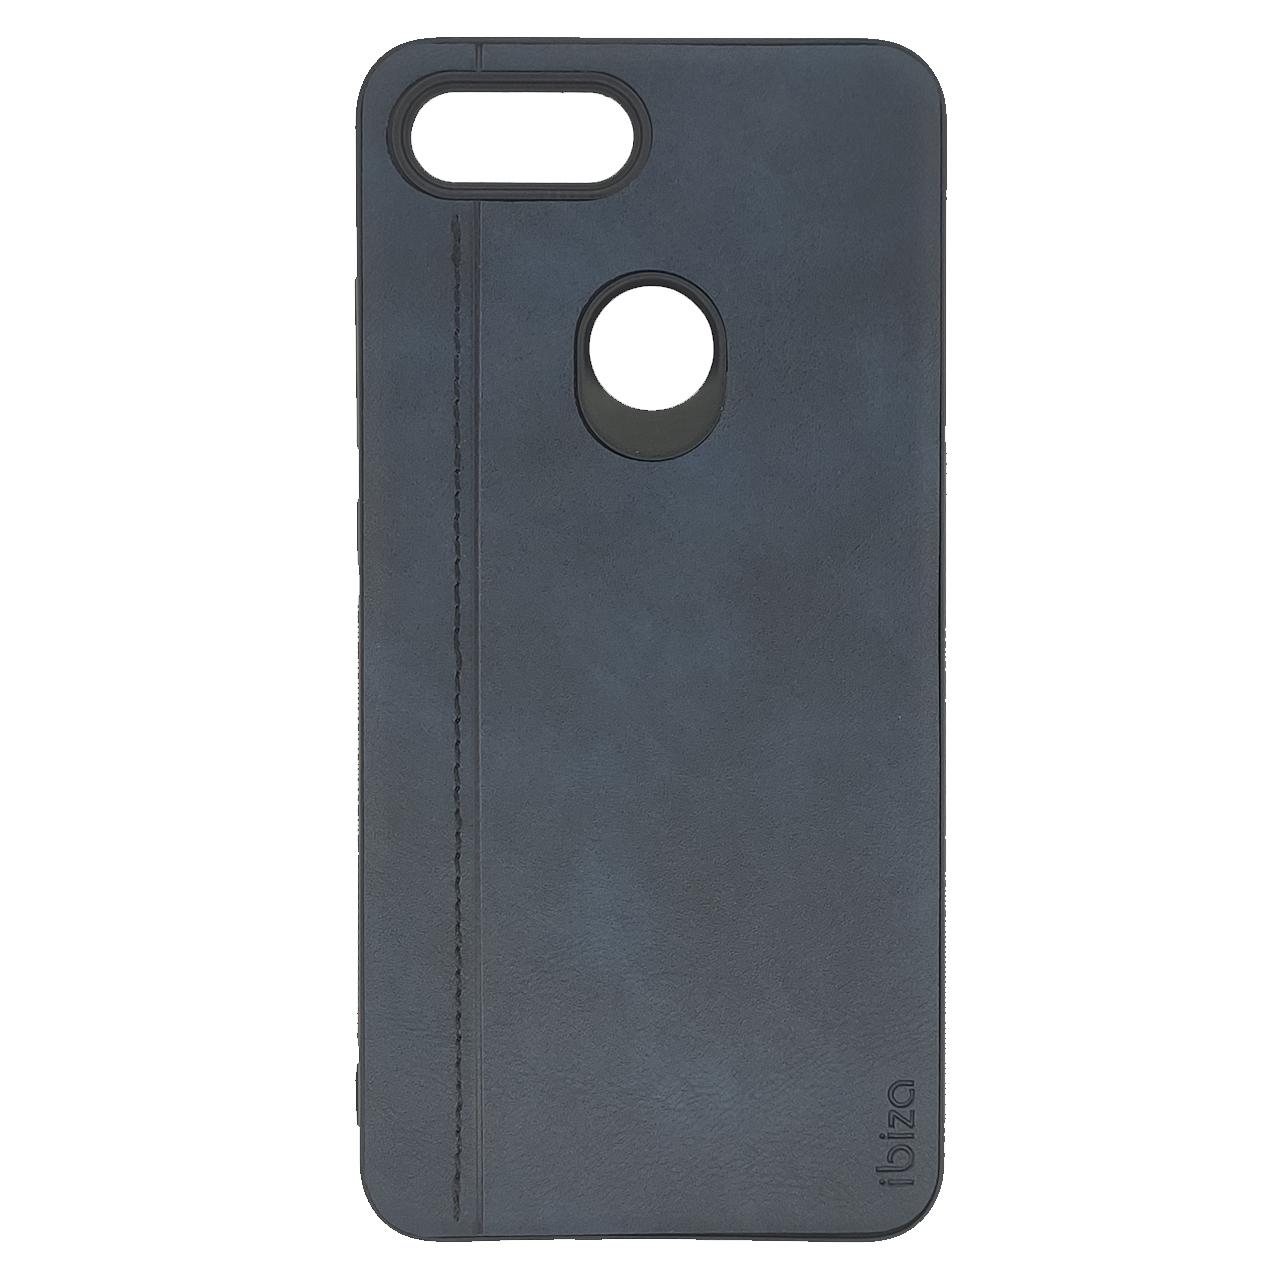 کاور ایبیزا مدل DU1 مناسب برای گوشی موبایل شیائومی MI 8 LITE              ( قیمت و خرید)